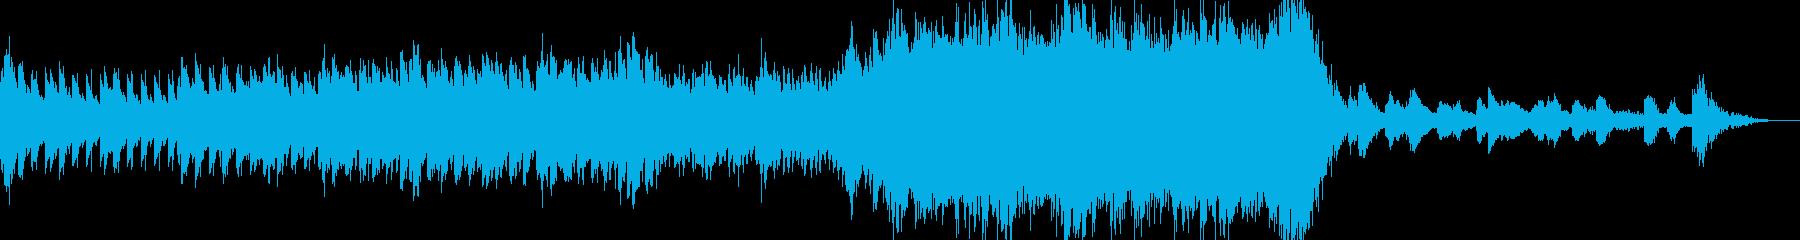 【オーケストラ】ゲームの冒険の始まりの曲の再生済みの波形